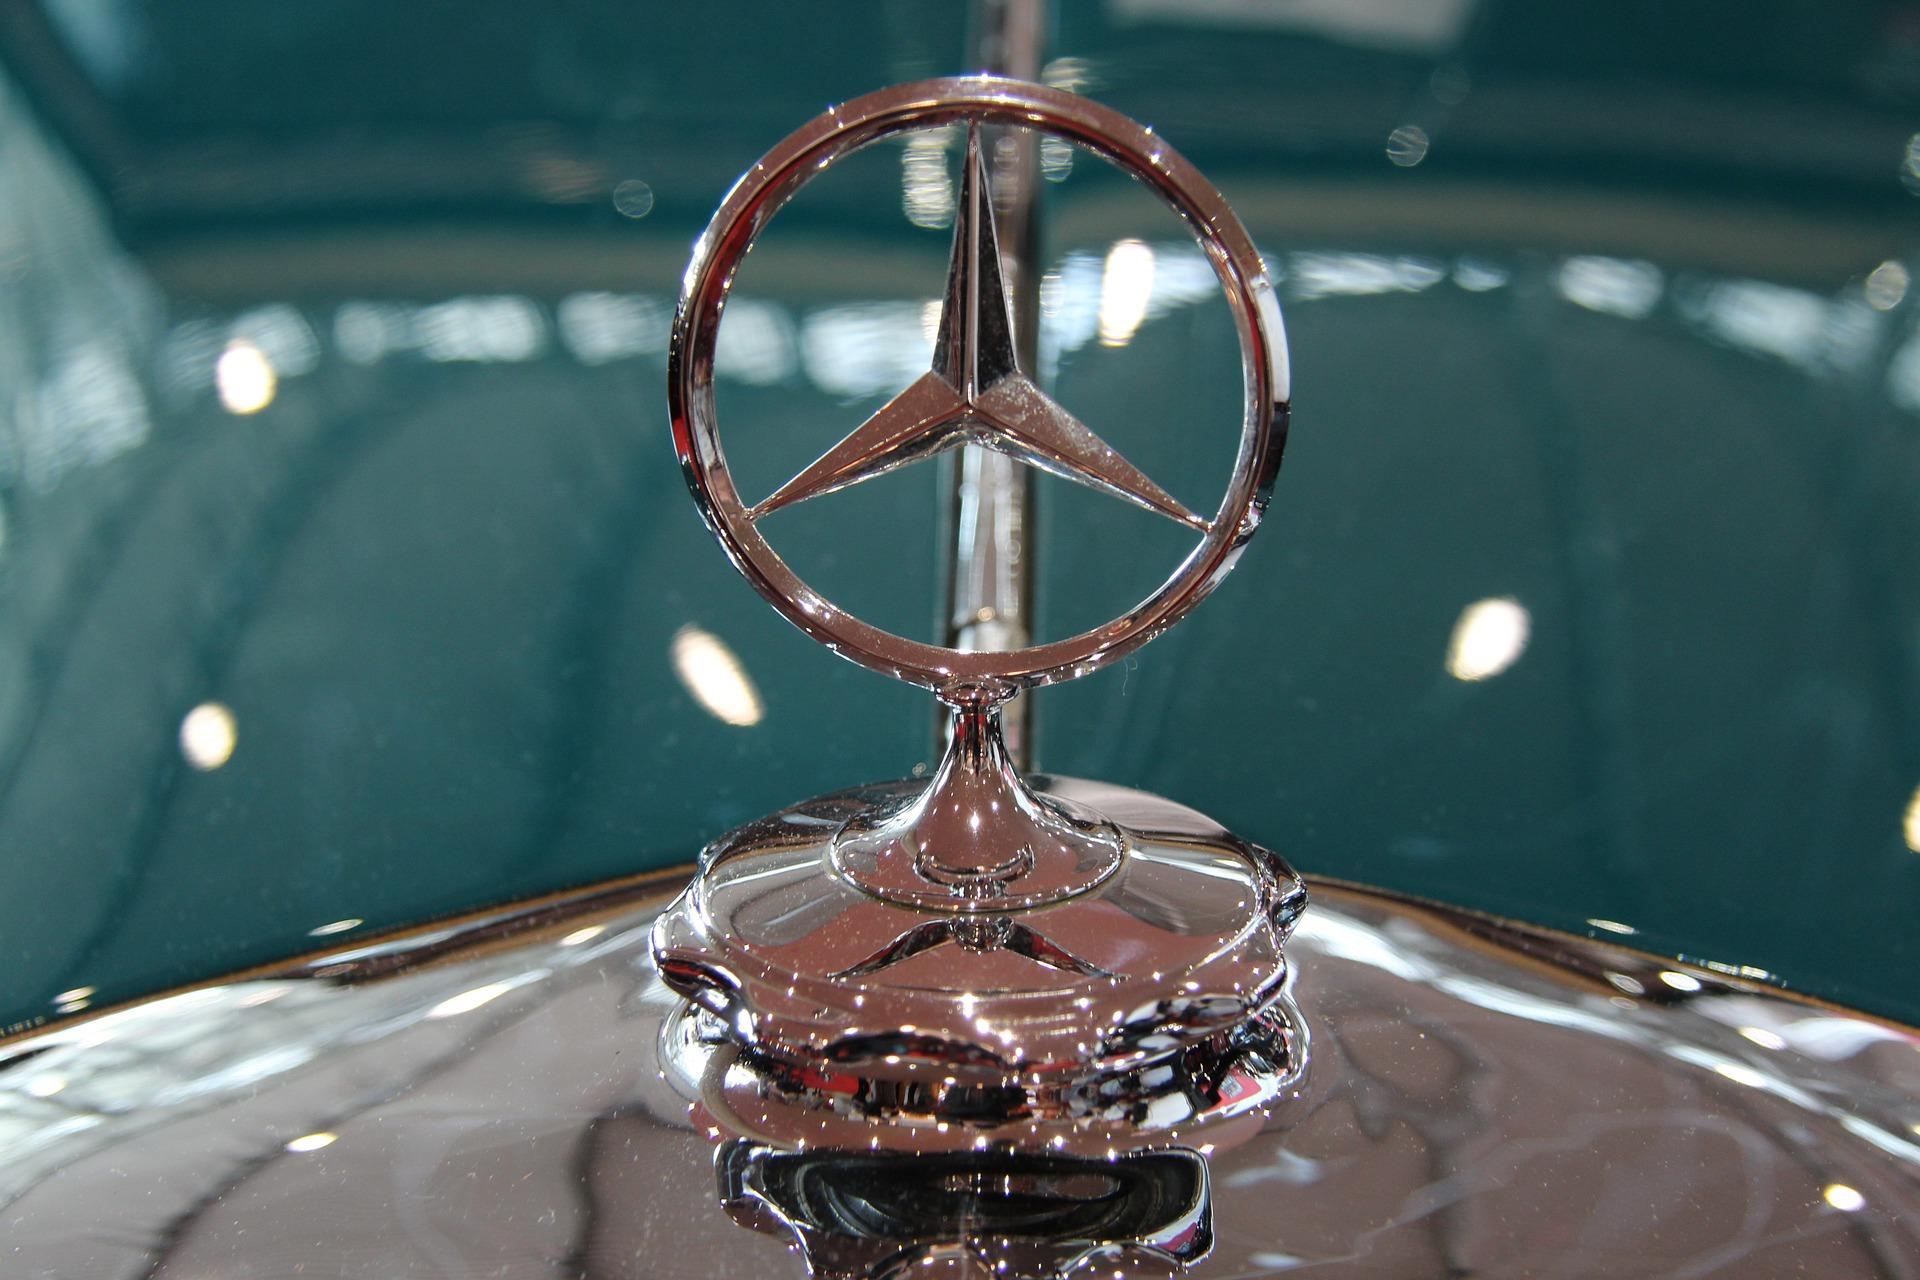 Wegen Coronakrise: Daimler-Vorstände verzichten auf Teil ihres Gehalts